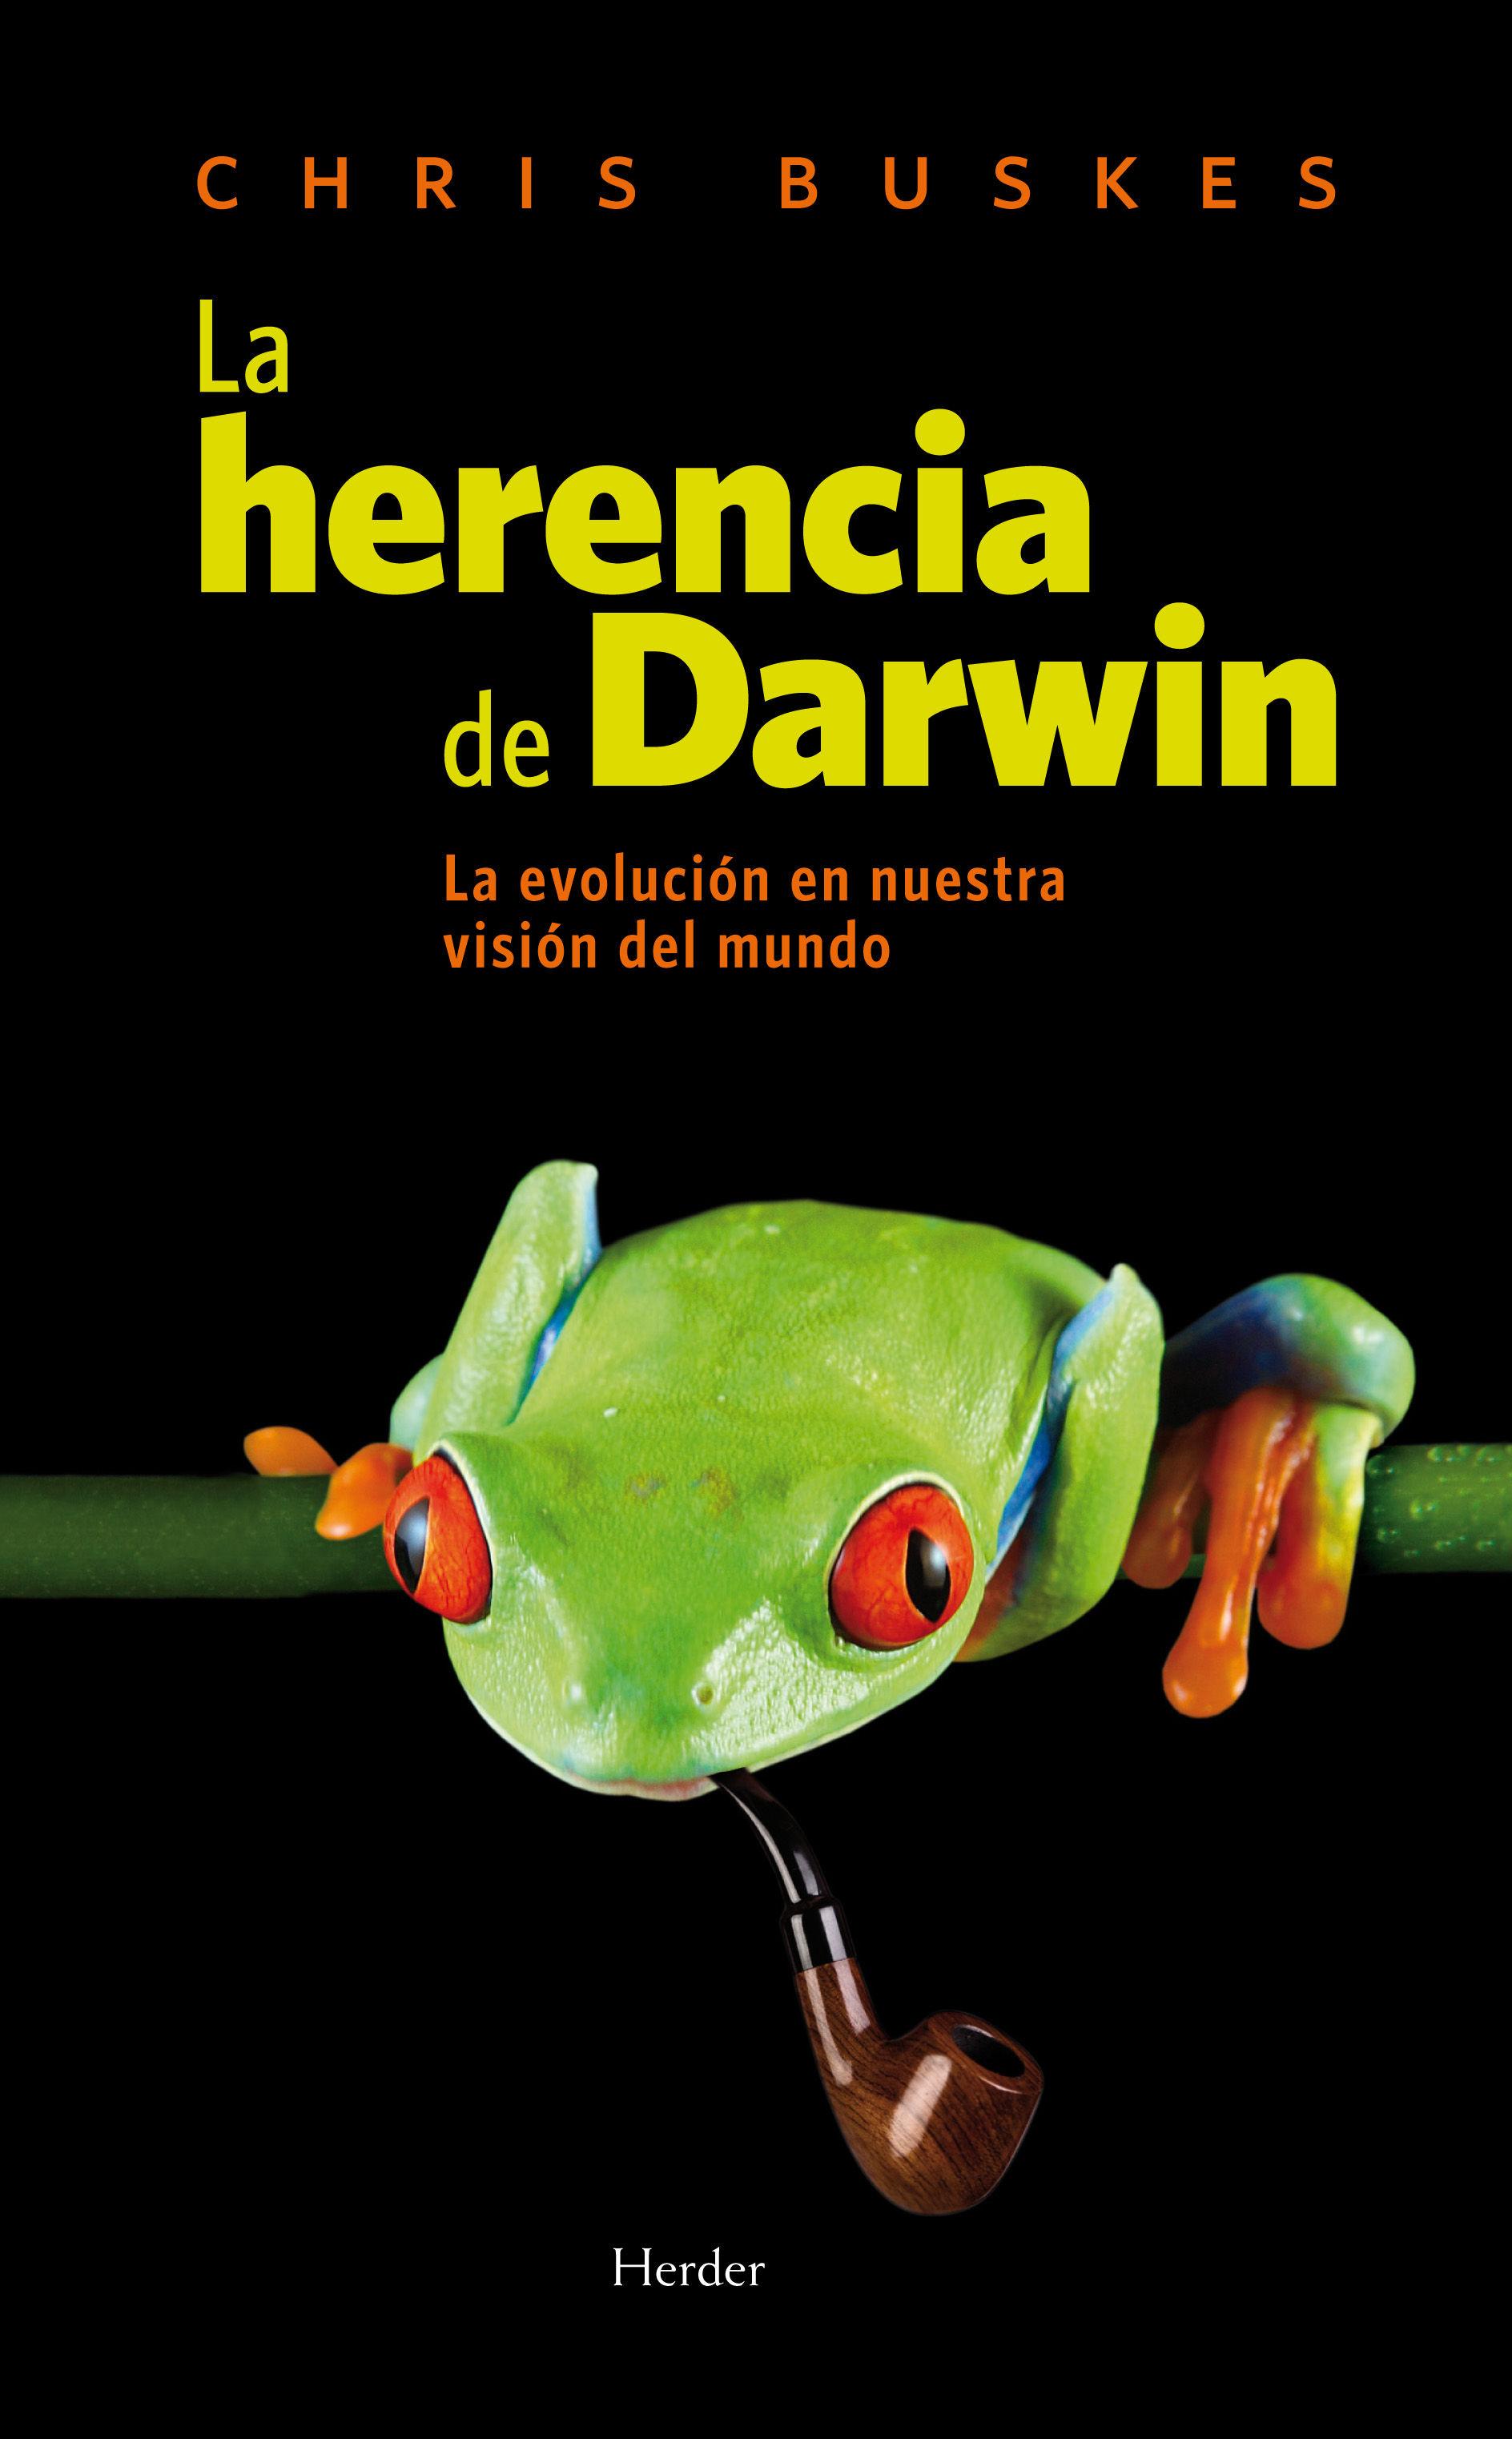 HERENCIA DE DARWIN: LA EVOLUCIÓN EN NUESTRA VISIÓN DEL MUNDO